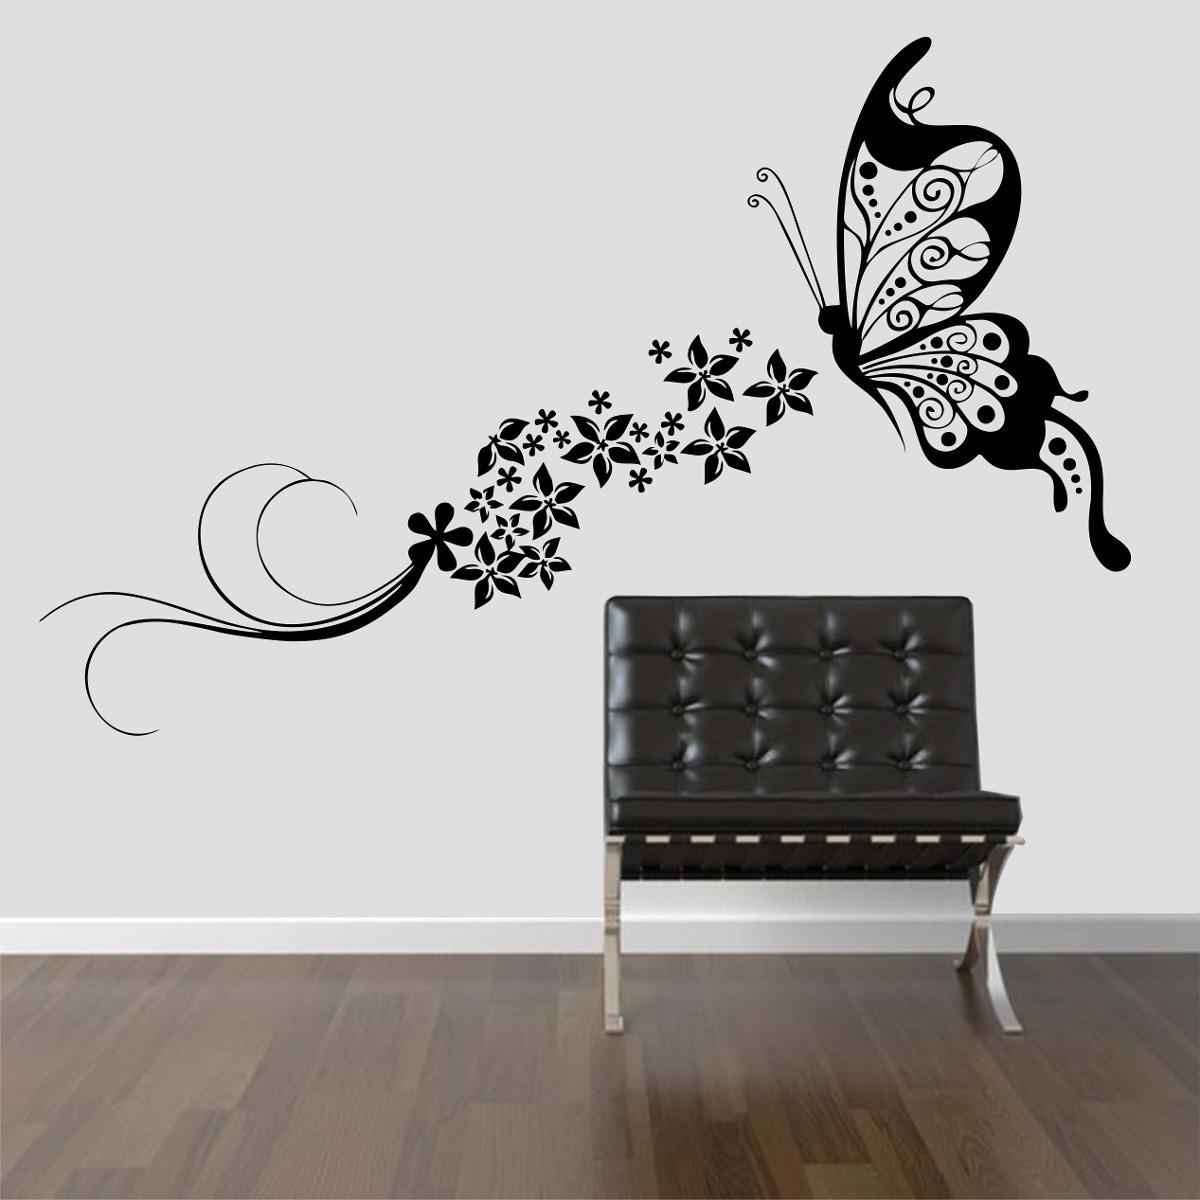 Adesivo Decorativo Parede Borboleta Floral Flores Faixa R$ 24,99 em Mercado Livre